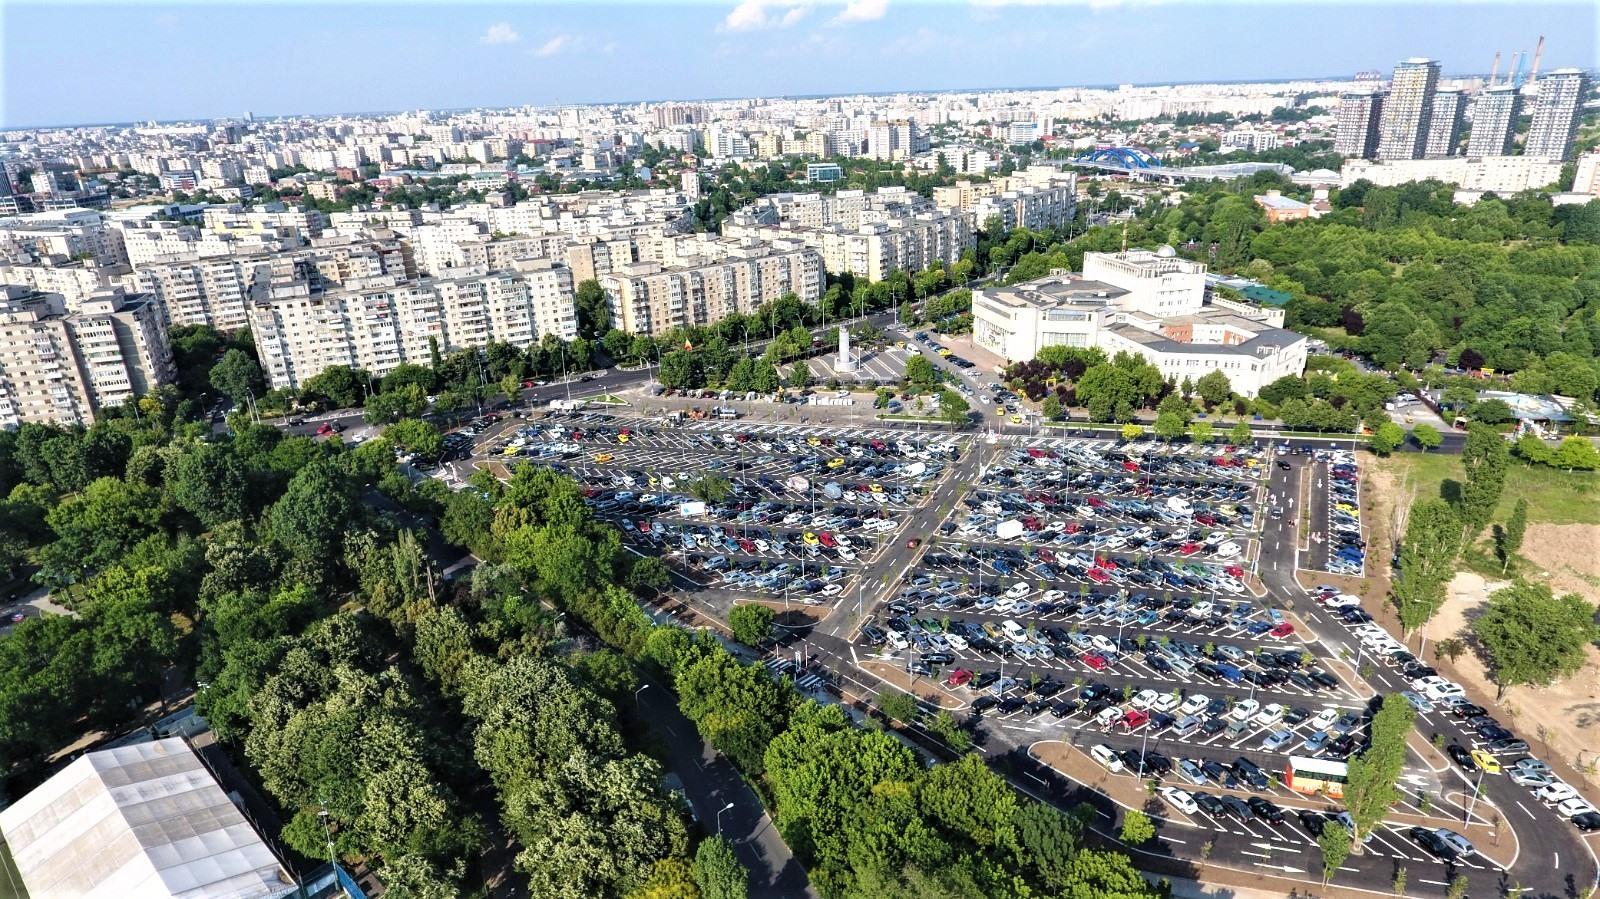 """În Sectorul 4 nu-i de joacă. Doar în ultima lună au fost ridicate aproape 1.000 de mașini. """"Folosiți parcările publice"""", transmite Daniel Băluță"""